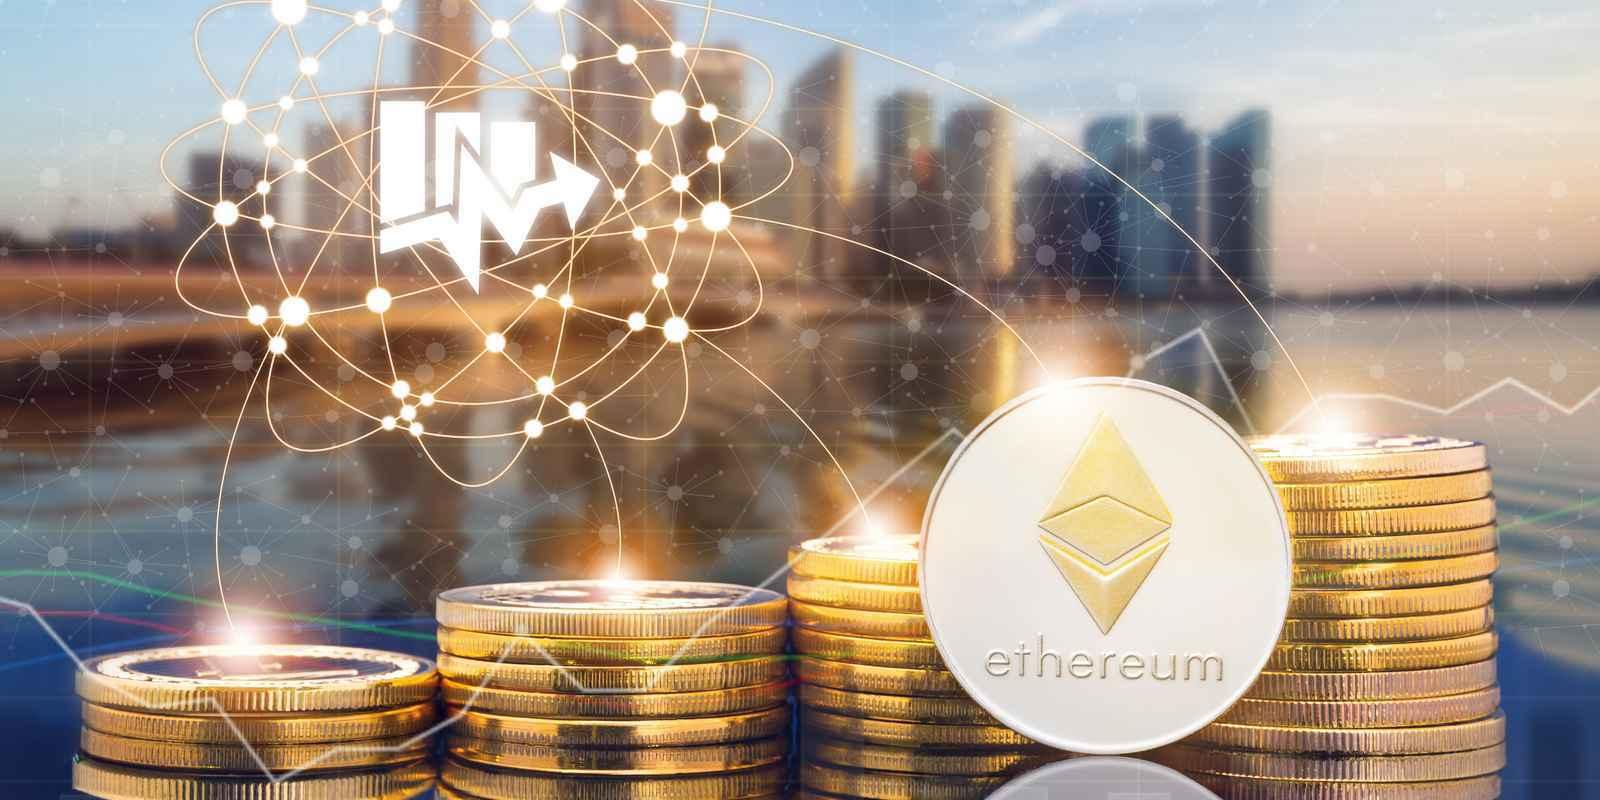 Les frais de transaction, un frein pour l'adoption des NFT d'Ethereum?